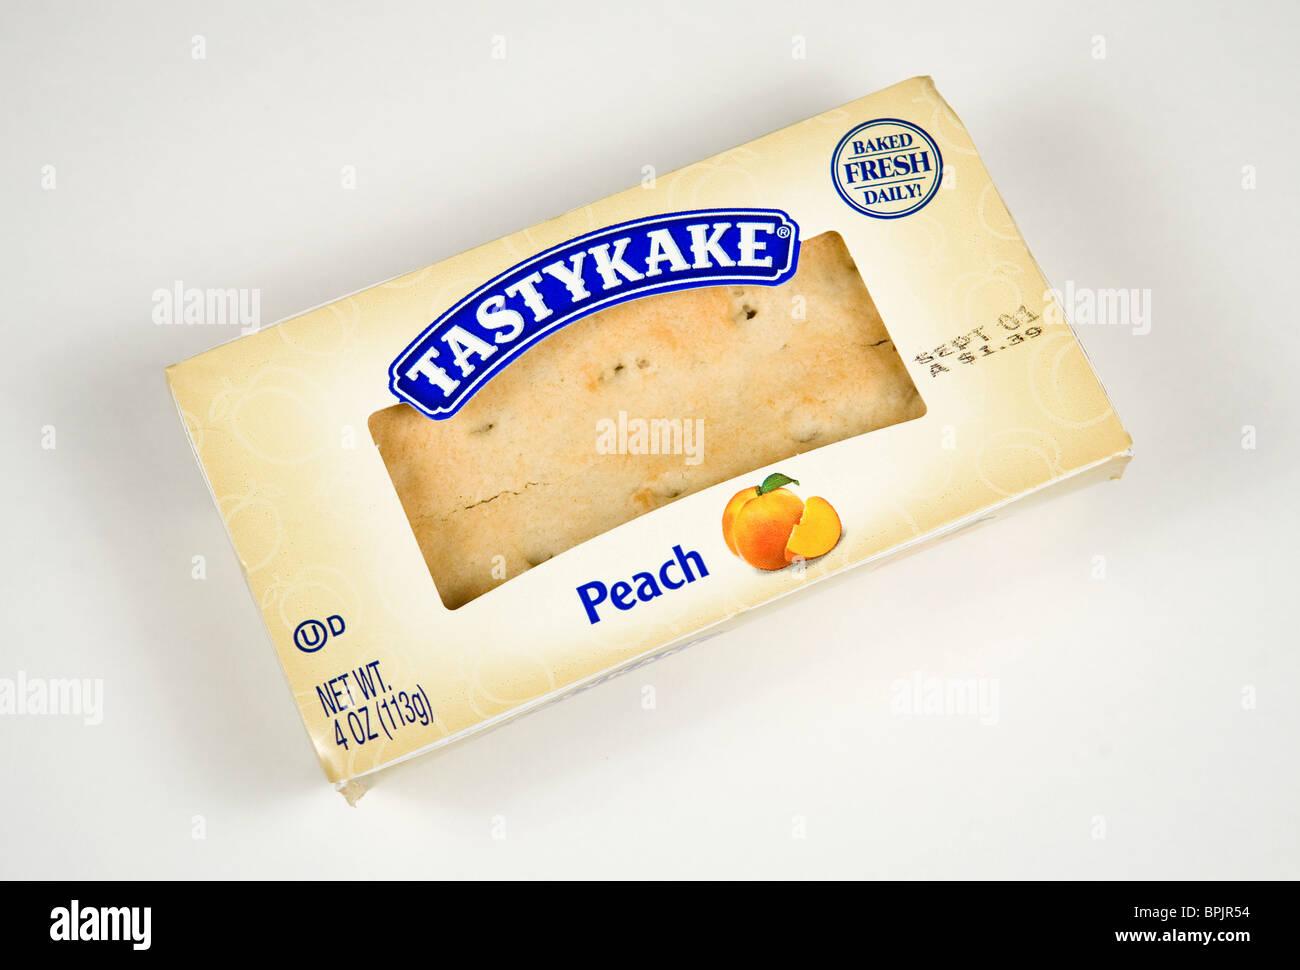 Tastykake Peach fruit pie. - Stock Image